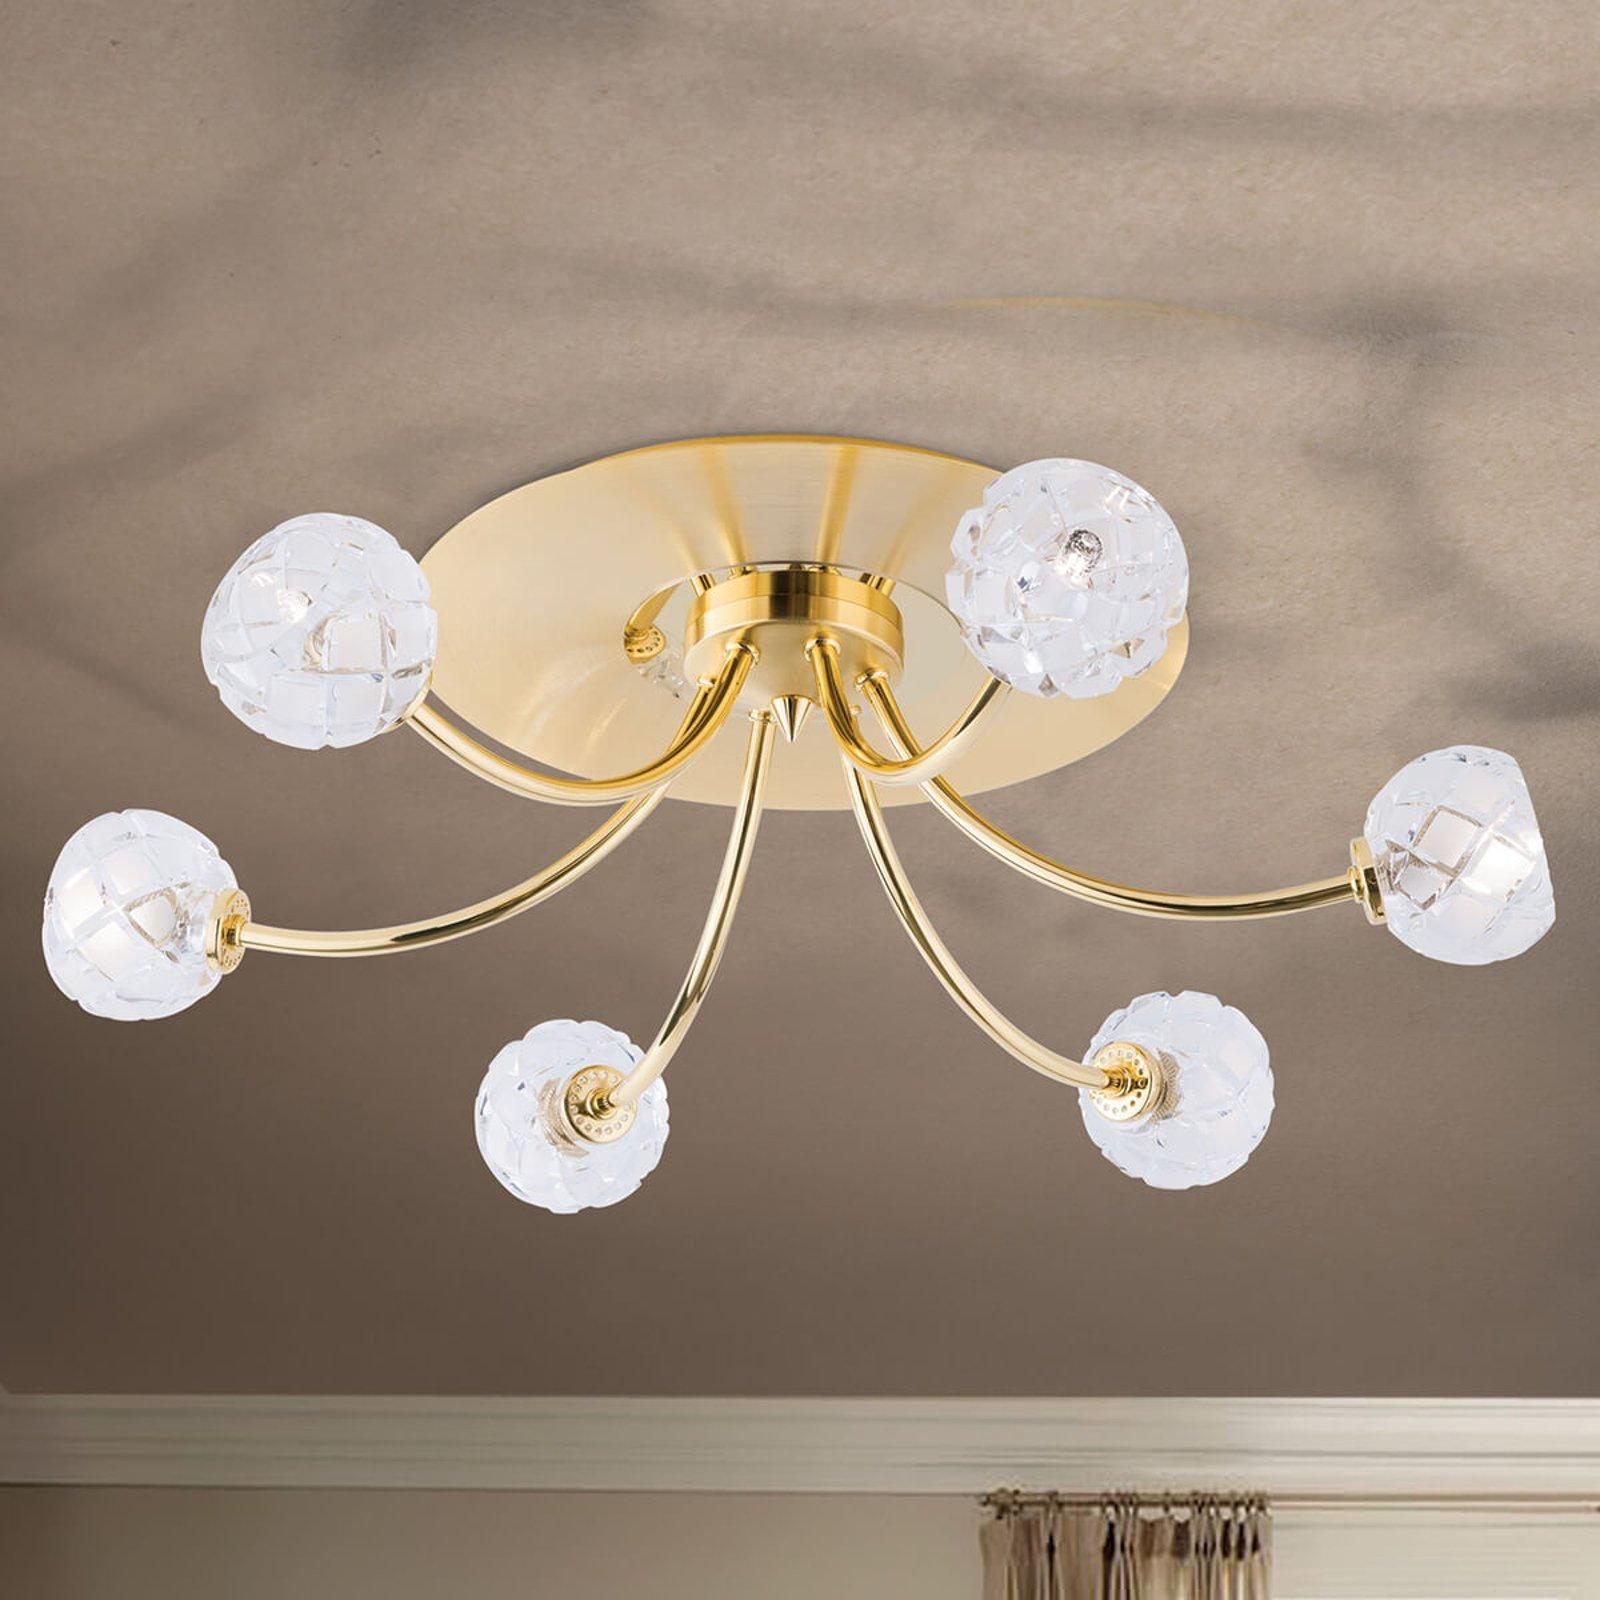 Blykrystall-taklampe Maderno, gull, 57cm